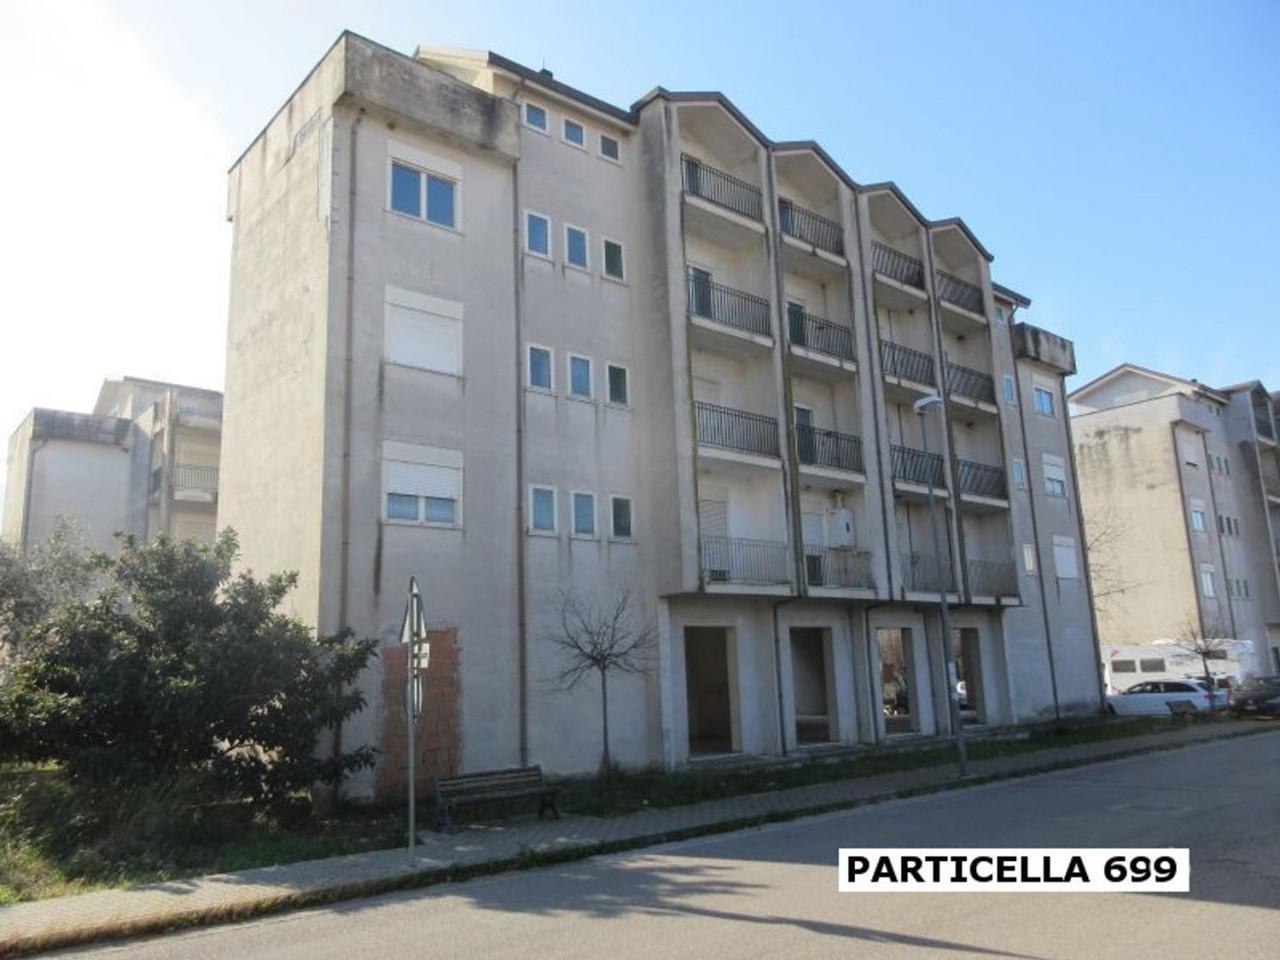 Palazzina residenziale al grezzo avanzato (part 699)